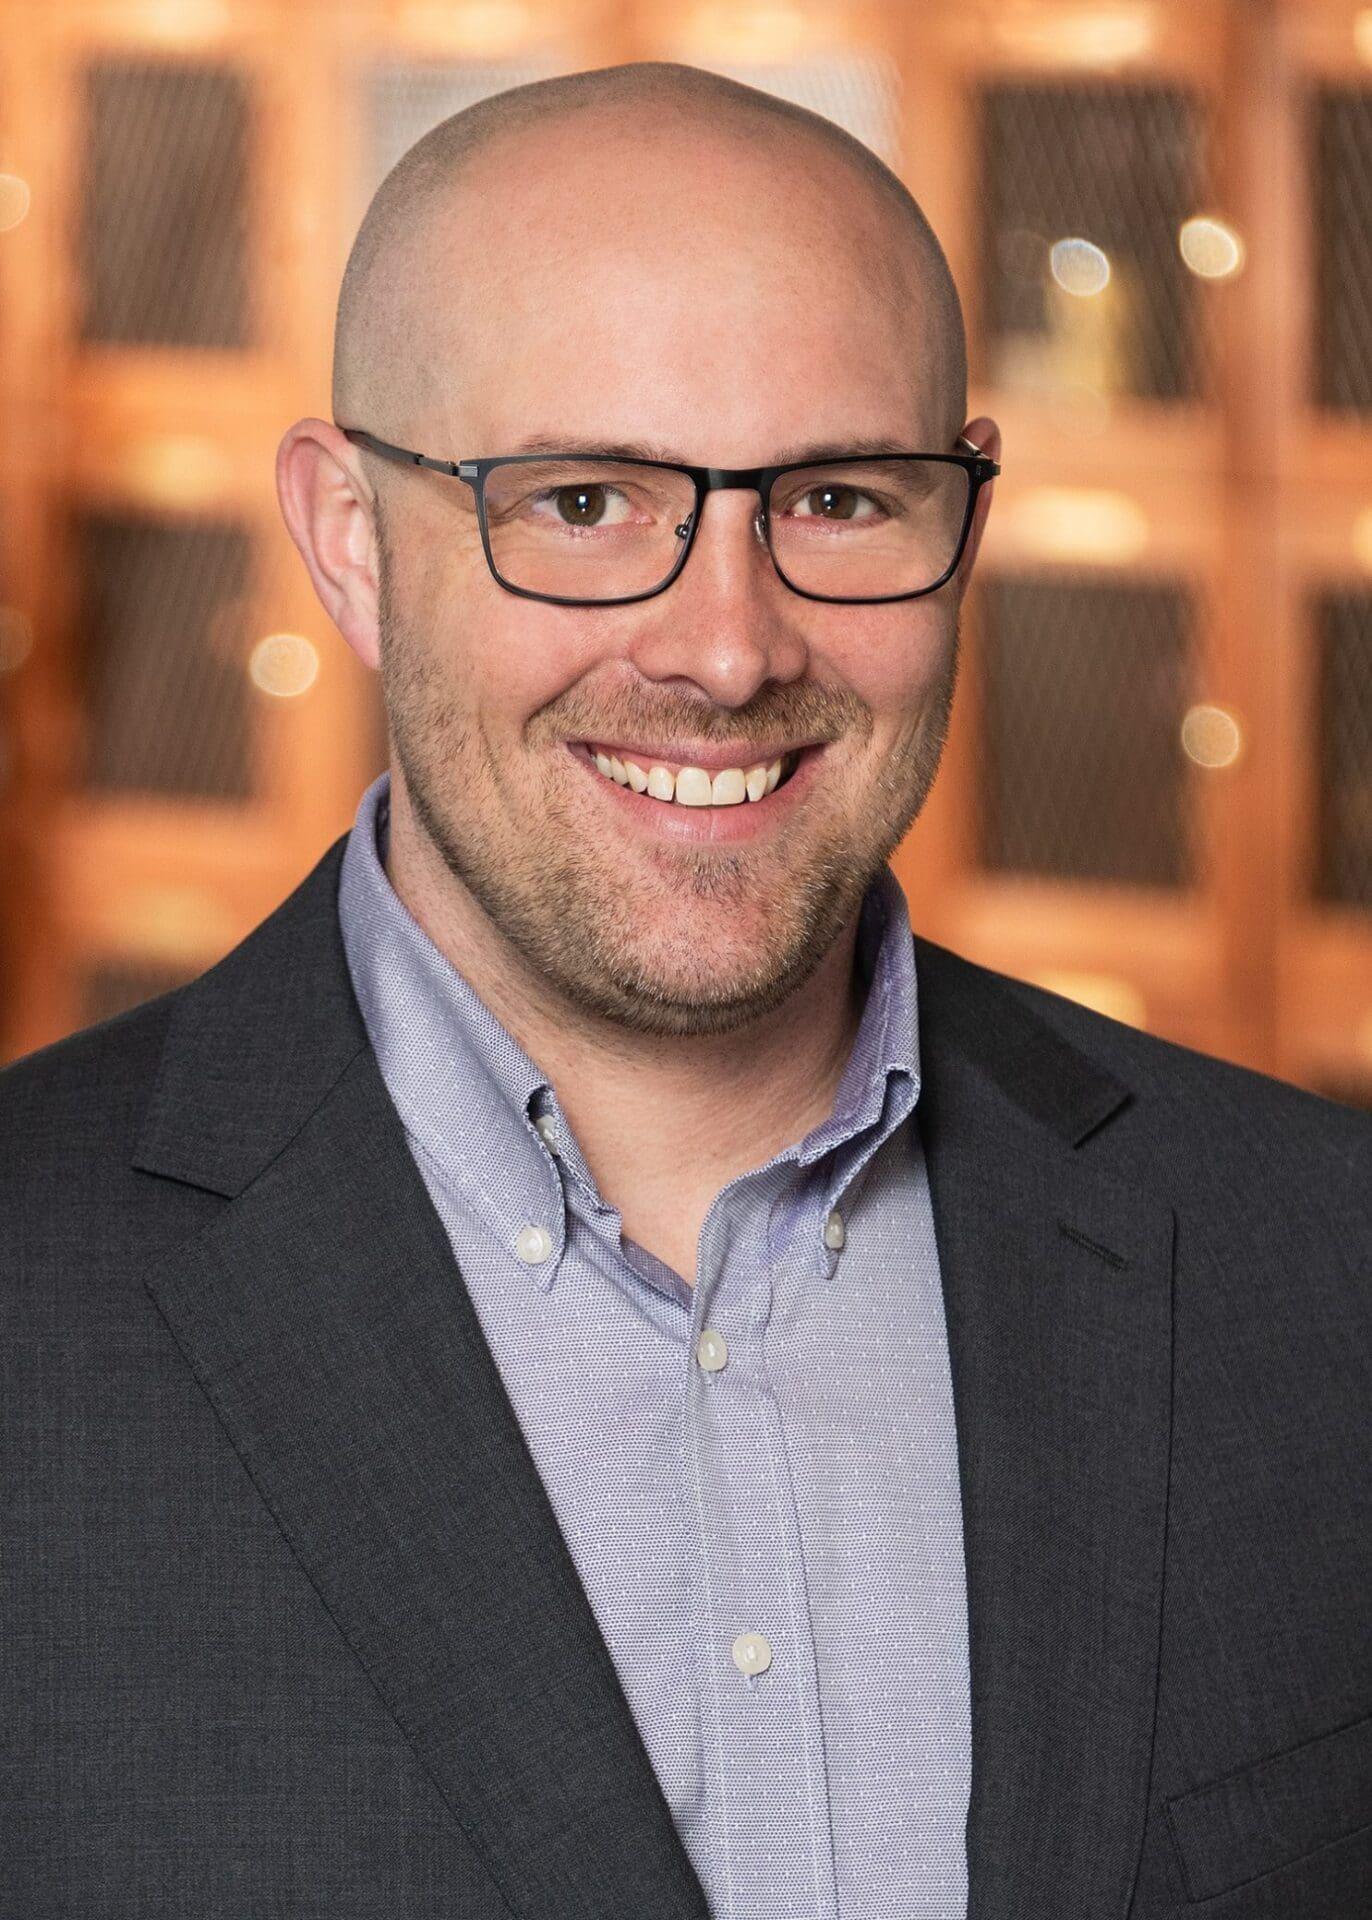 Kyle Ingraham